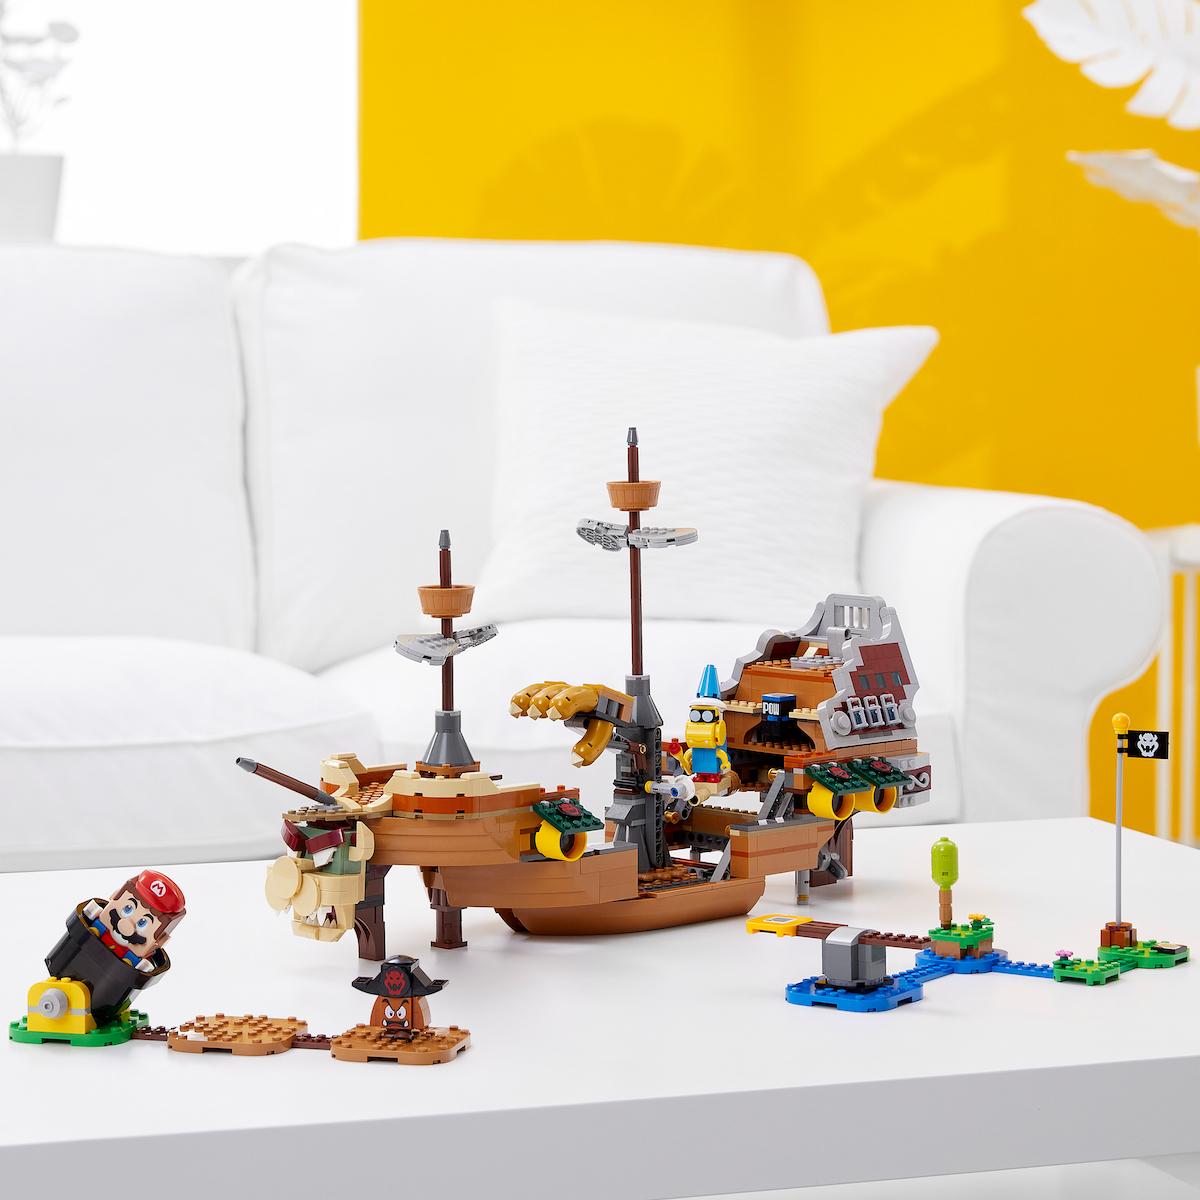 Наборы LEGO с Марио получили кооператив